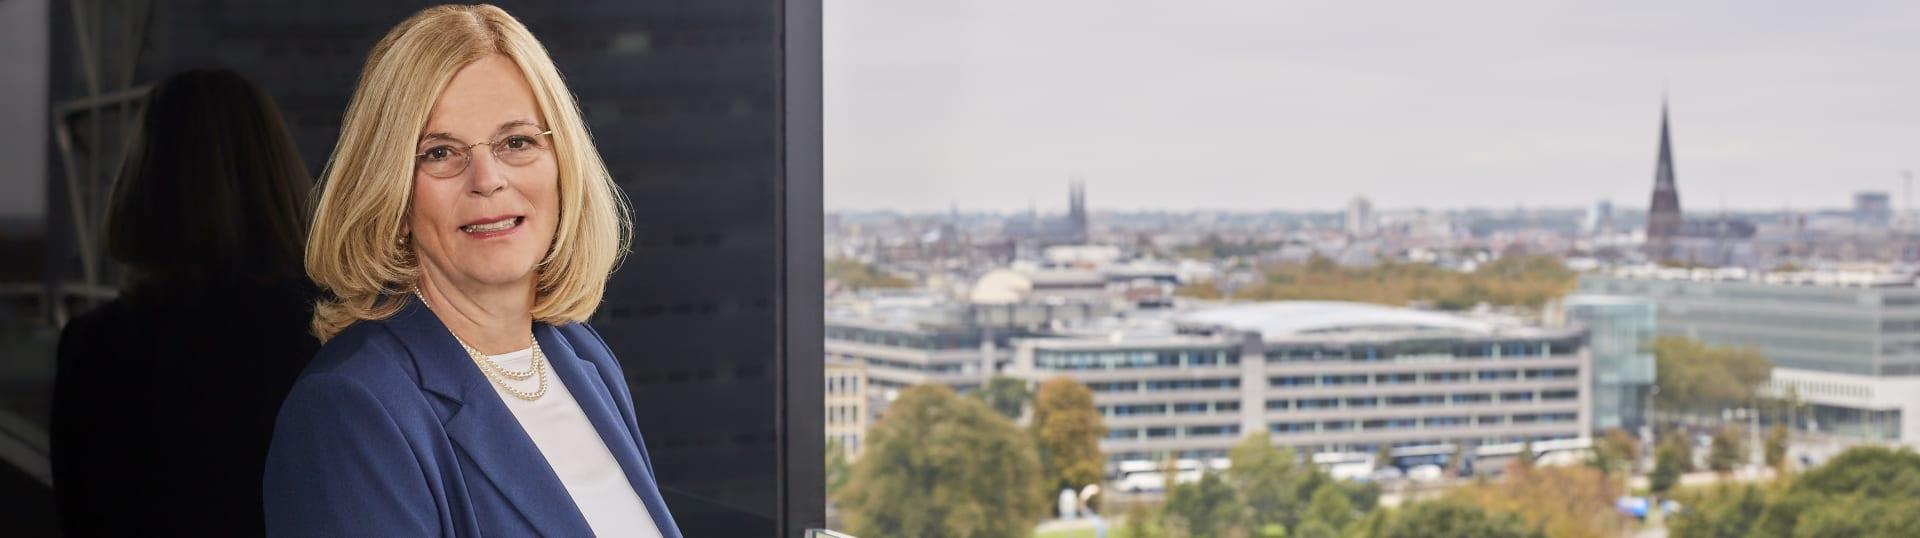 Monique de Witte-van den Haak, advocaat Pels Rijcken